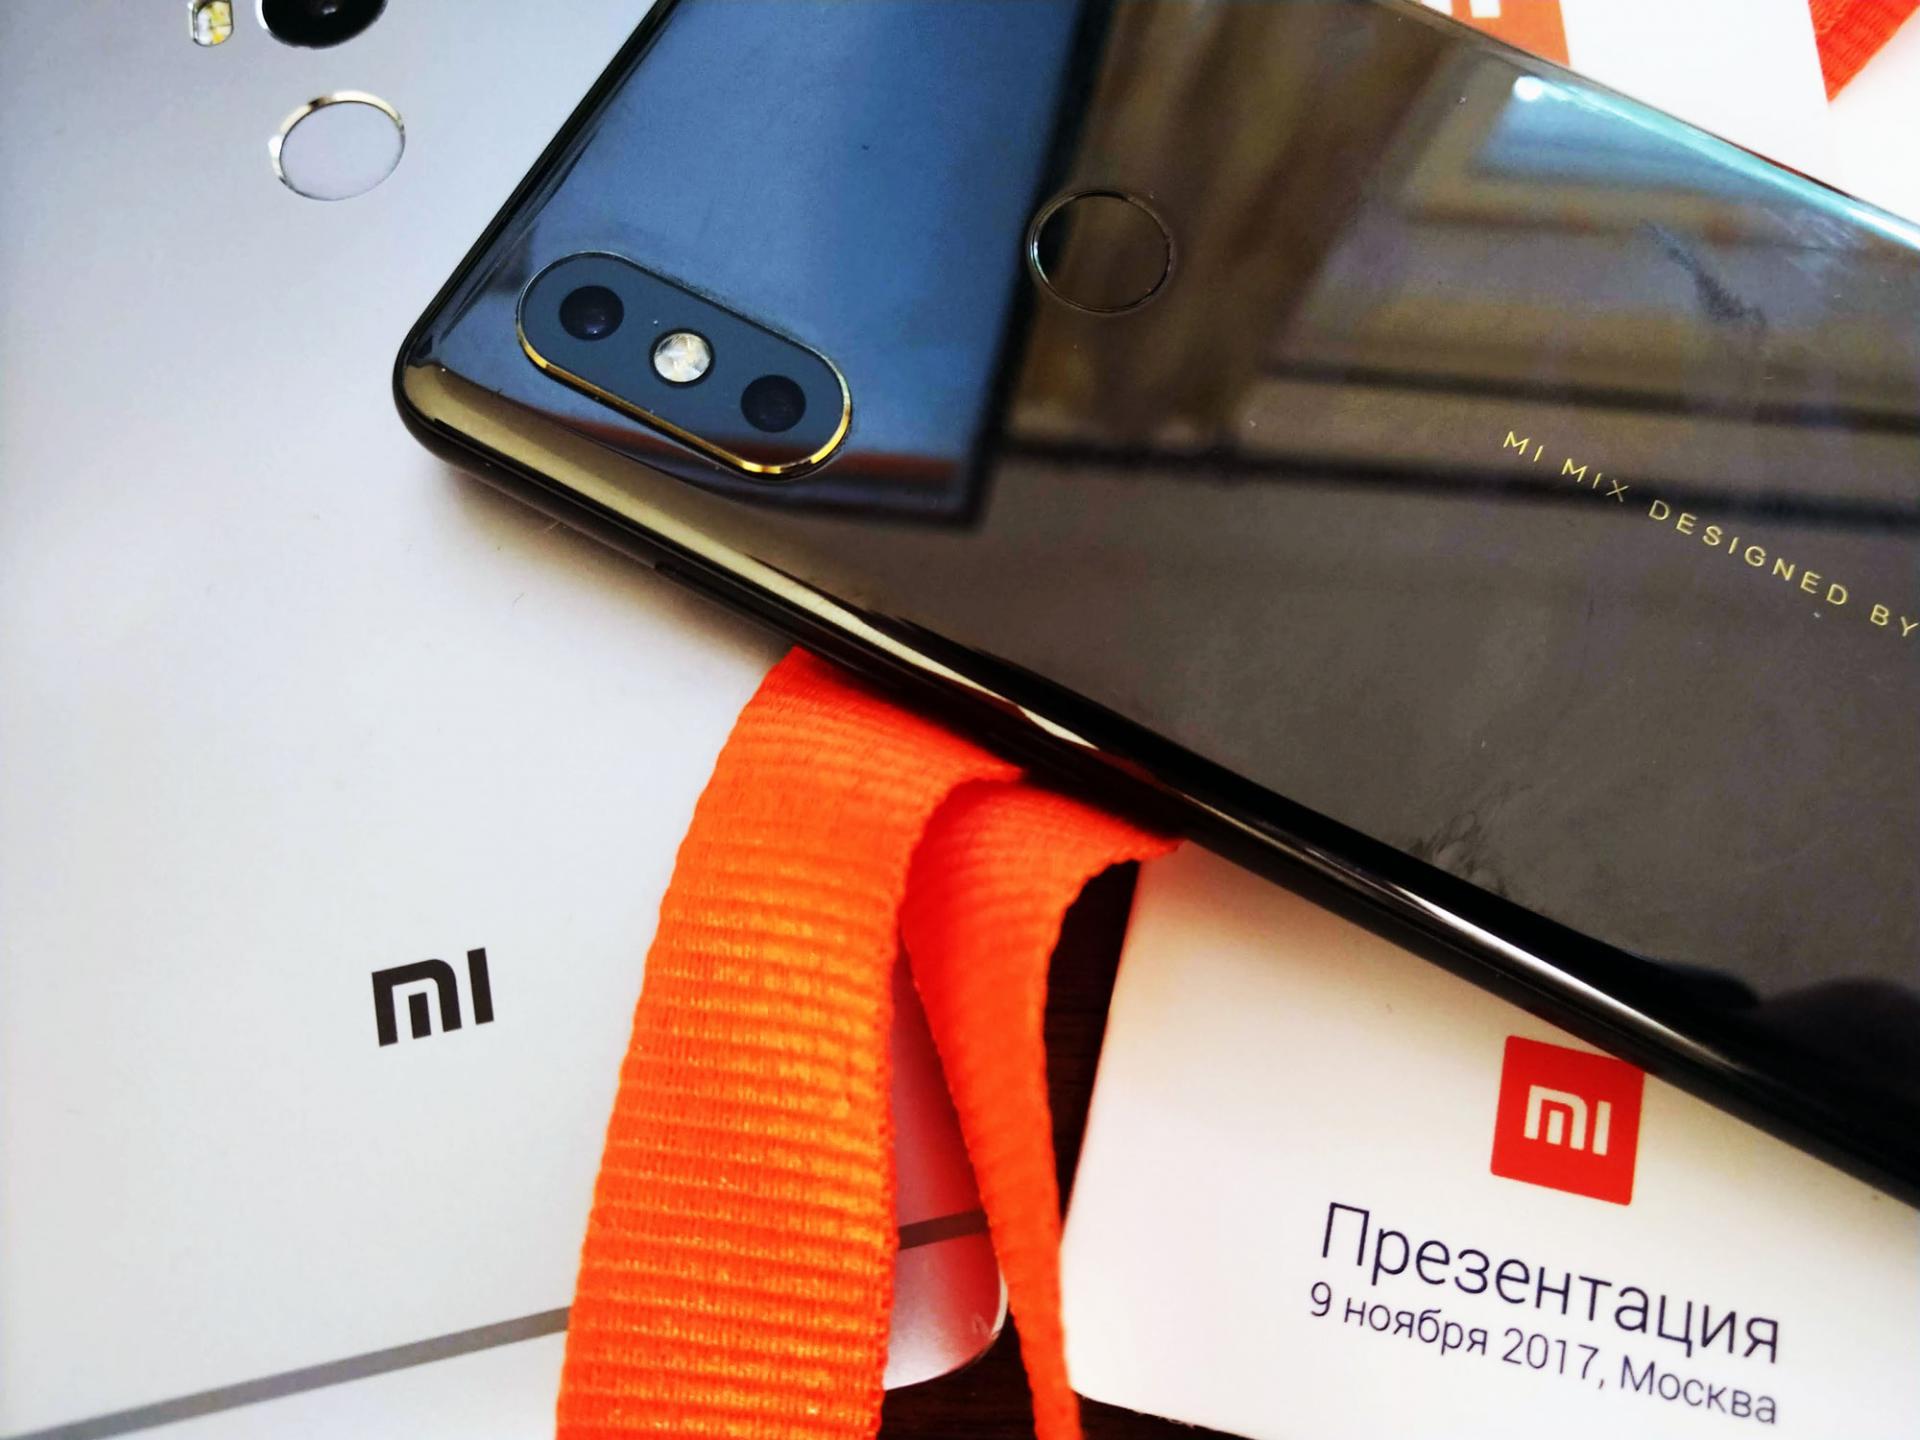 Критикуем телефоны Xiaomi. Что может испортить использование?